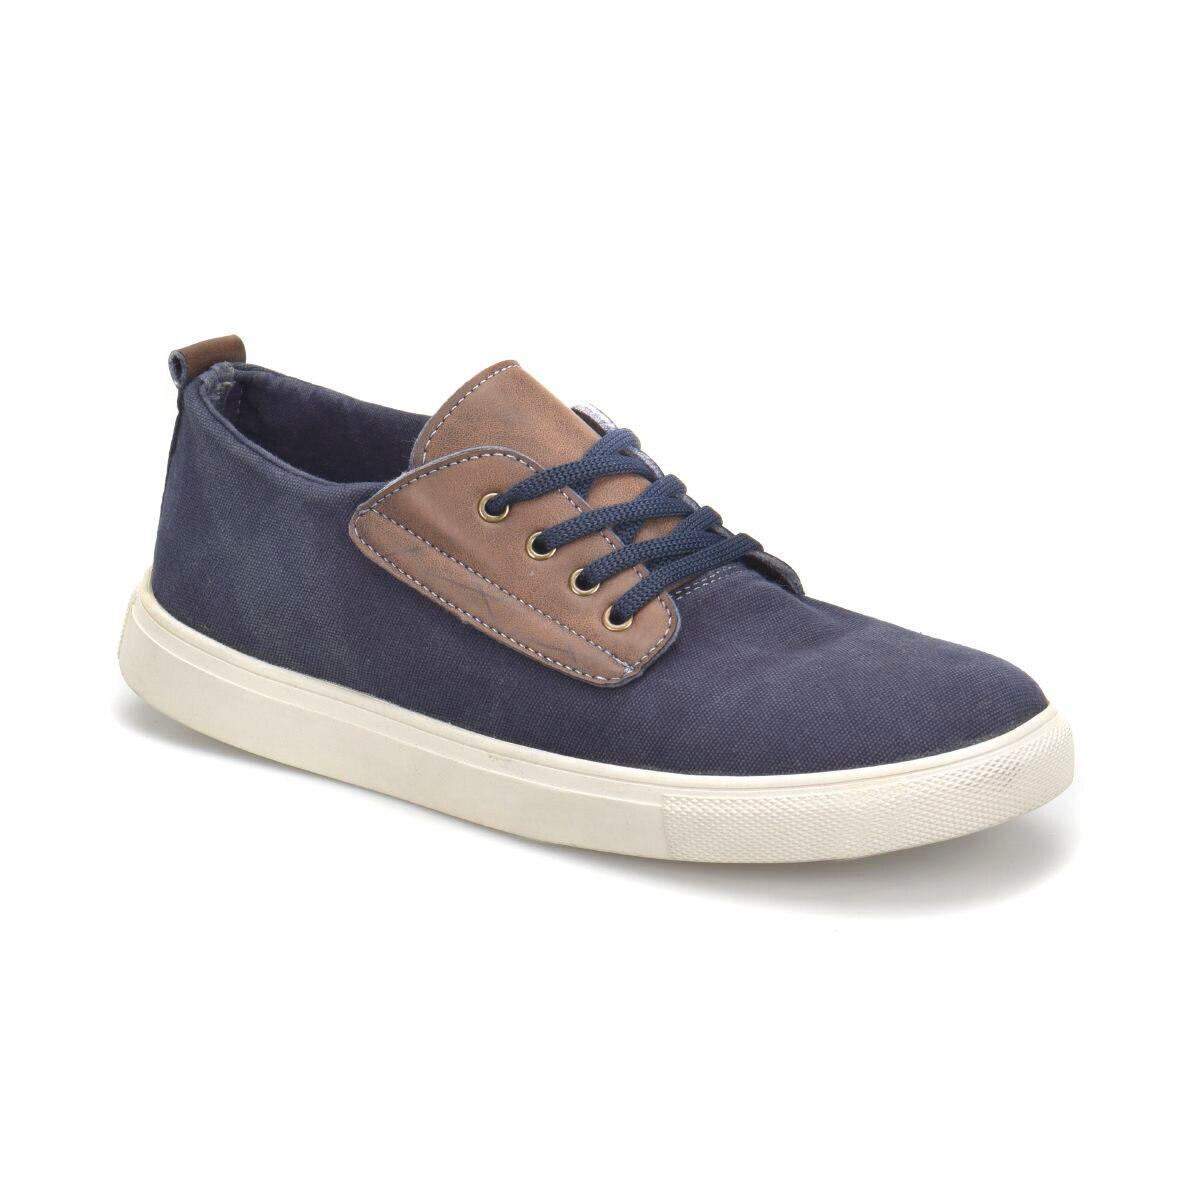 FLO 3514 Navy Blue Men 'S Shoes Panama Club